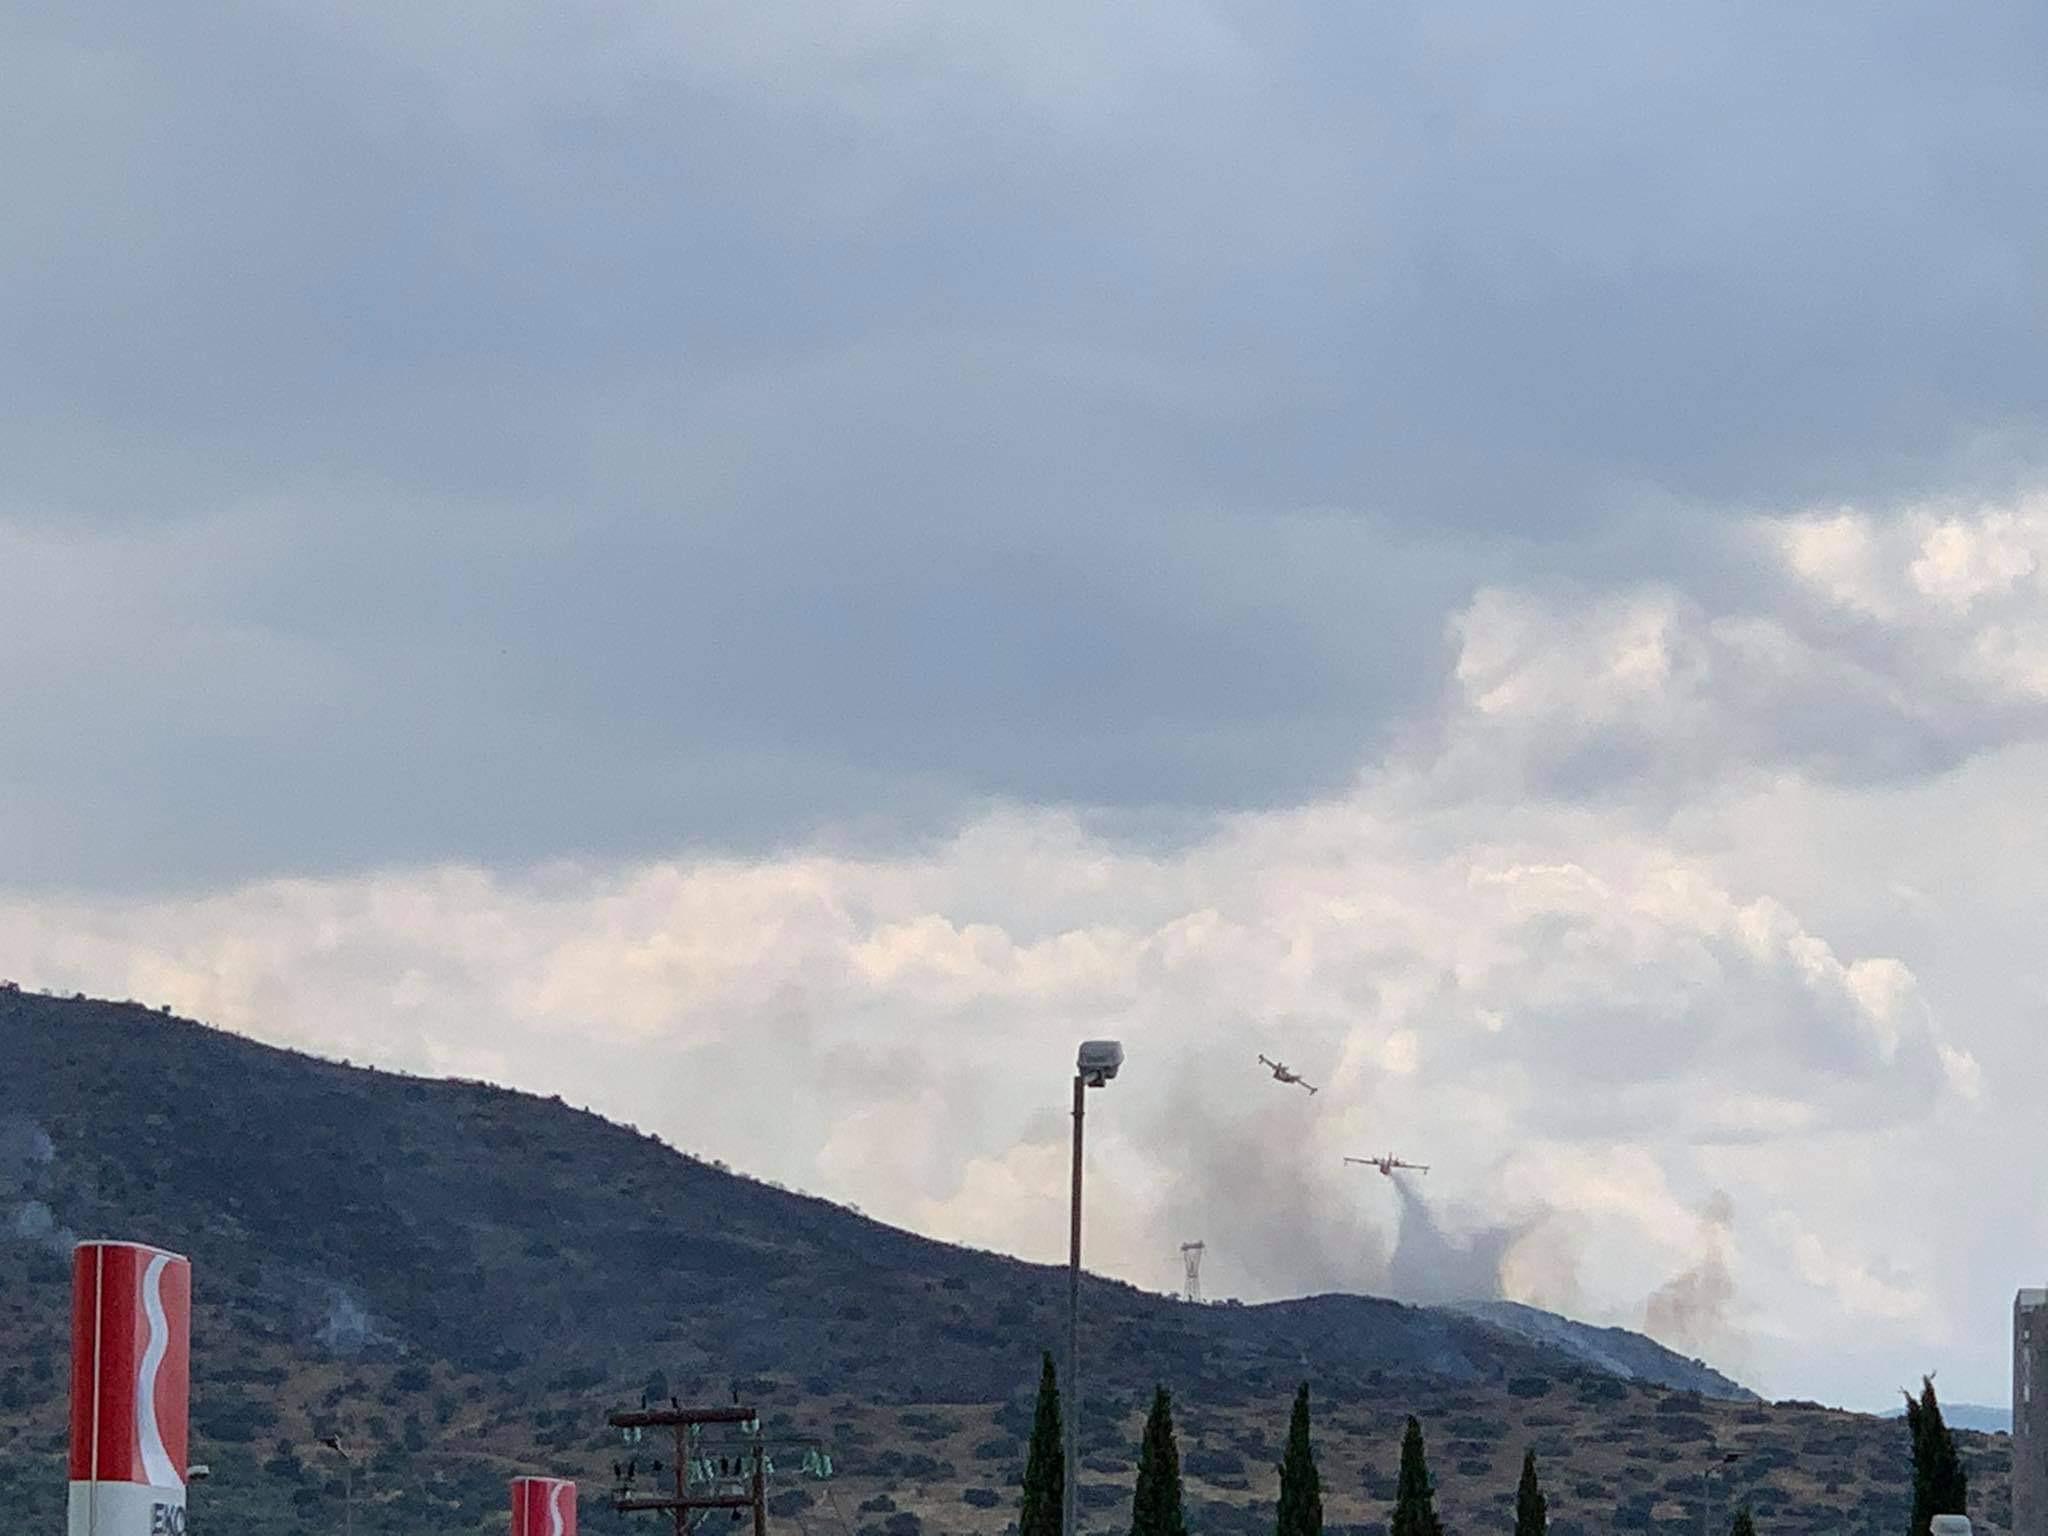 Υπό έλεγχο η φωτιά στον δήμο Τεμπών με την συνδρομή και αεροπλάνων - ΒΙΝΤΕΟ και ΦΩΤΟ